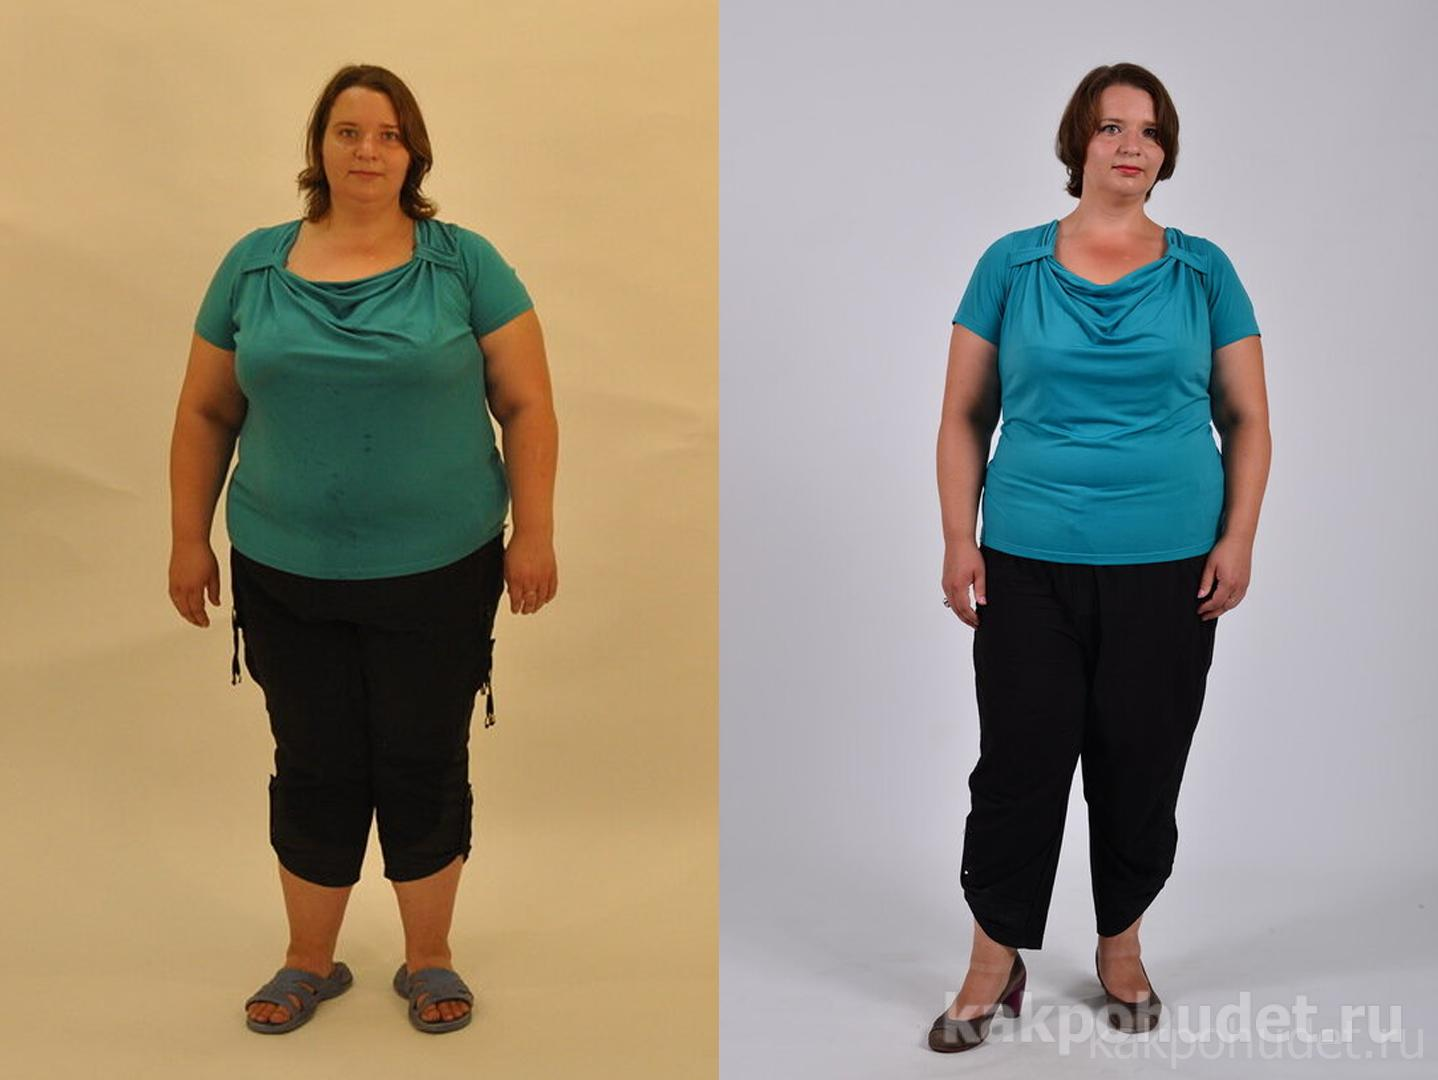 Простая история о похудении